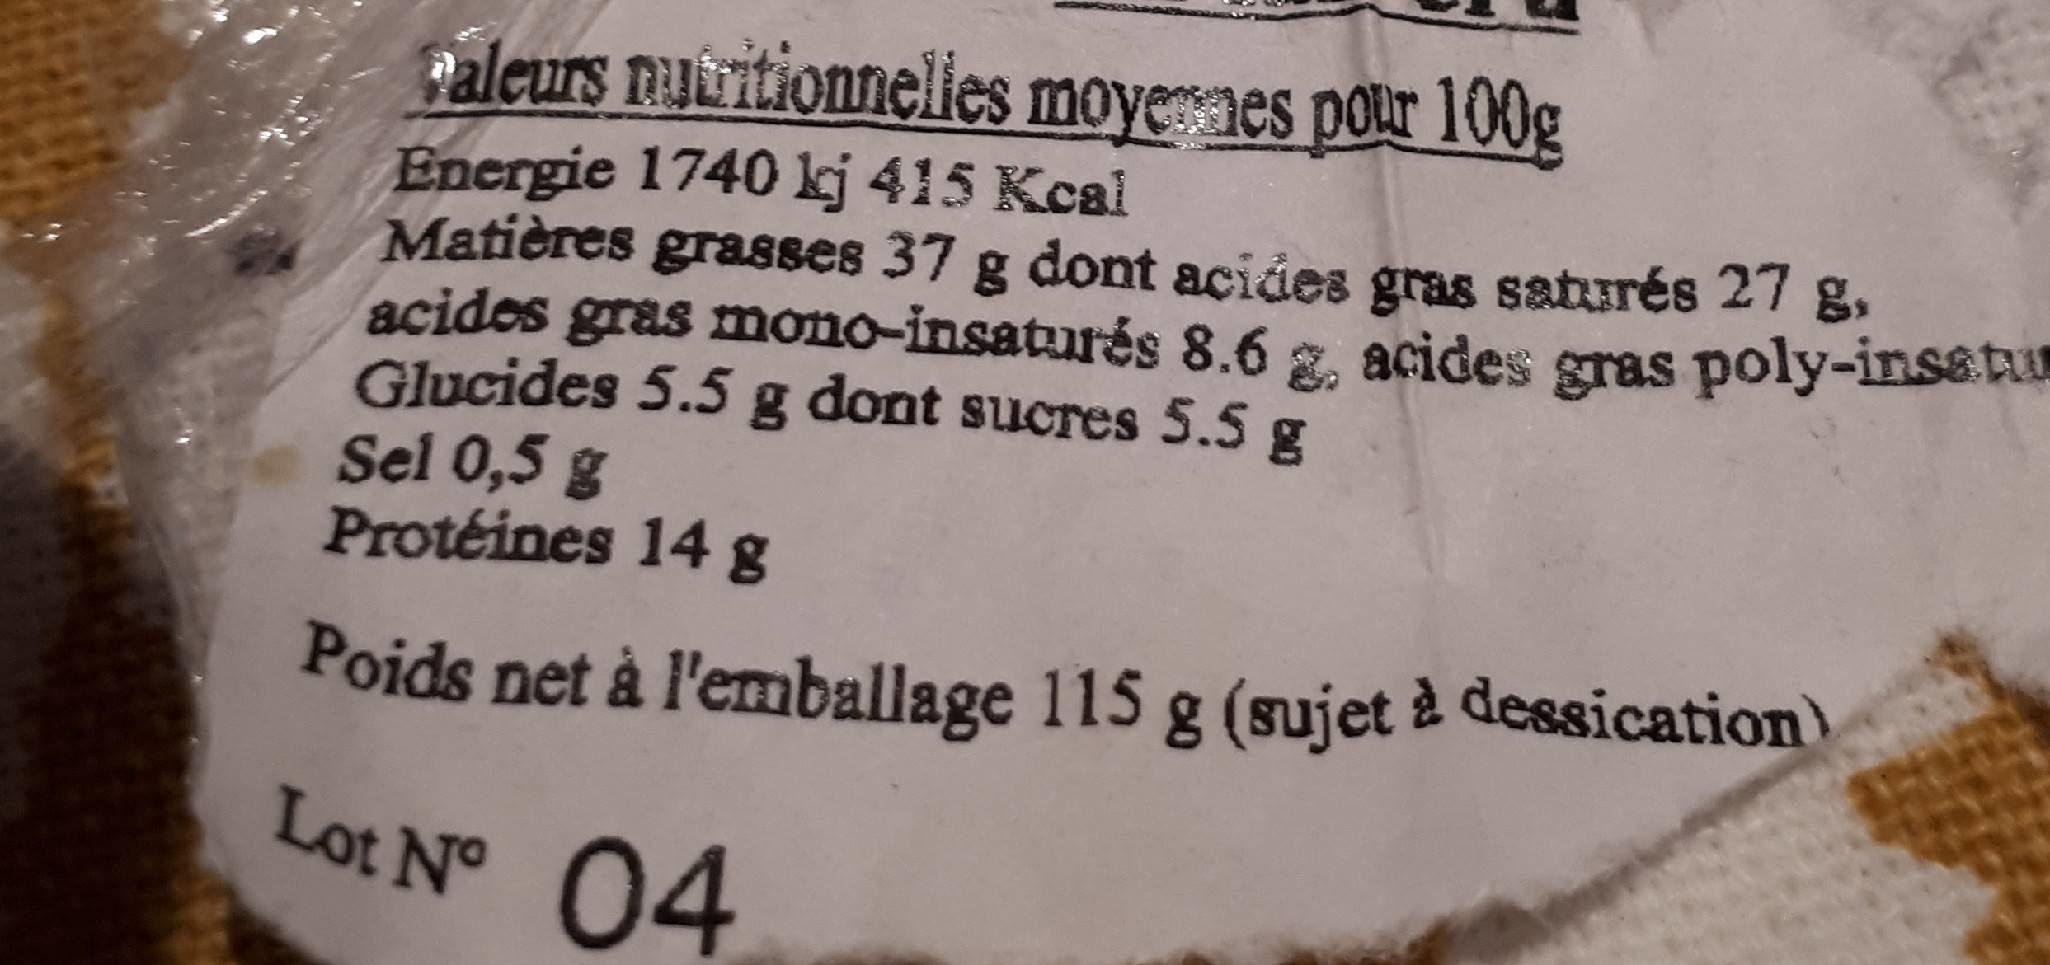 3 Fromages de chevre fermier au lait cru - Ingrediënten - fr